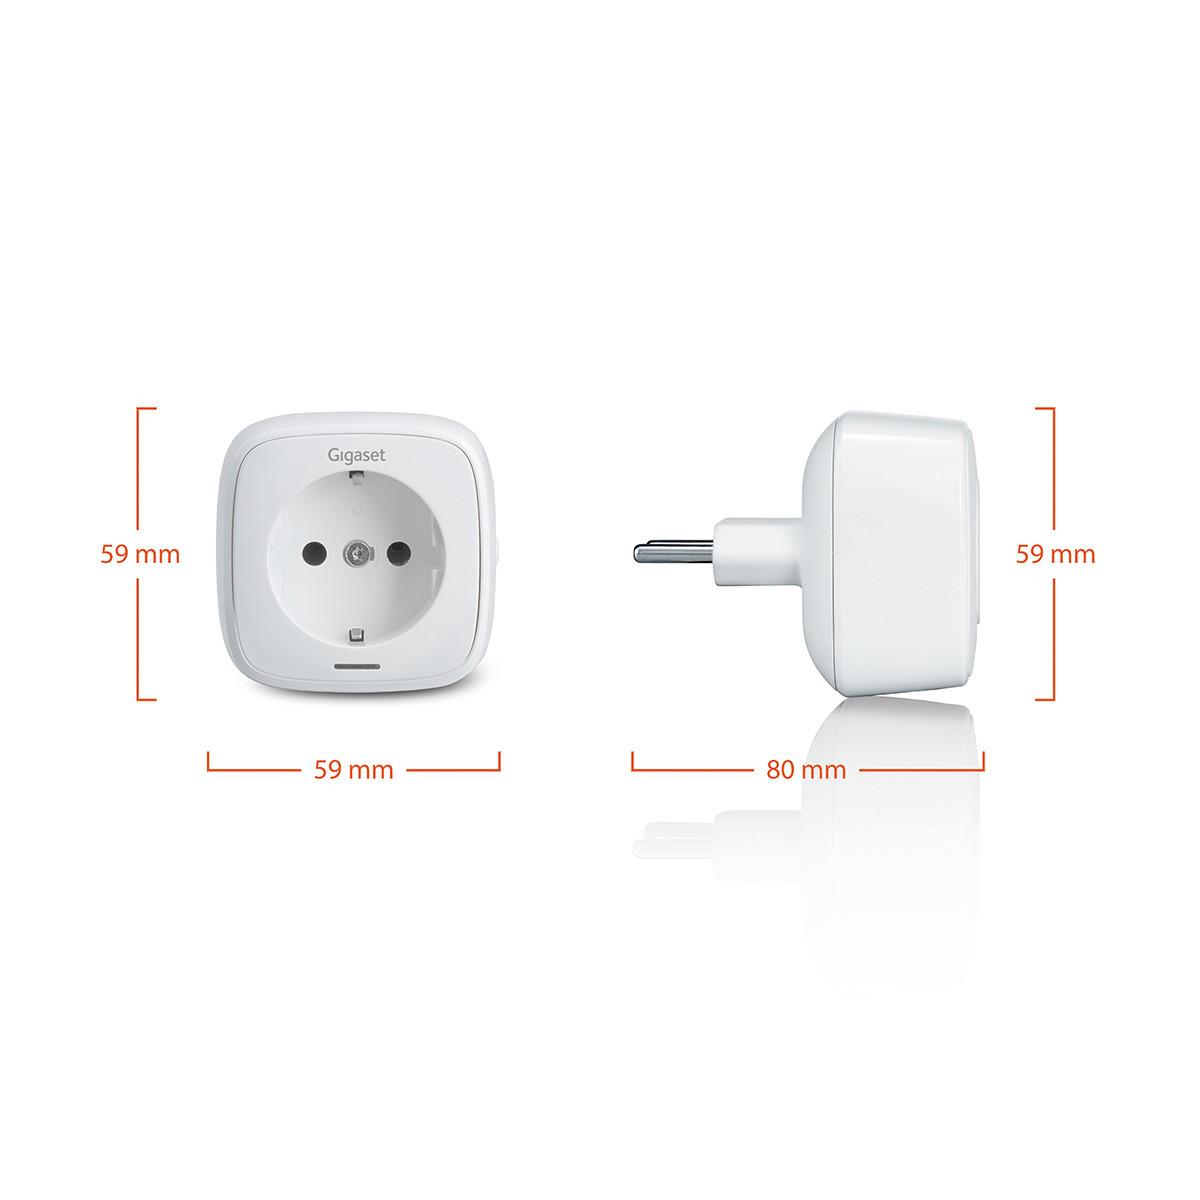 Gigaset Plug ONE X (pak van 3)